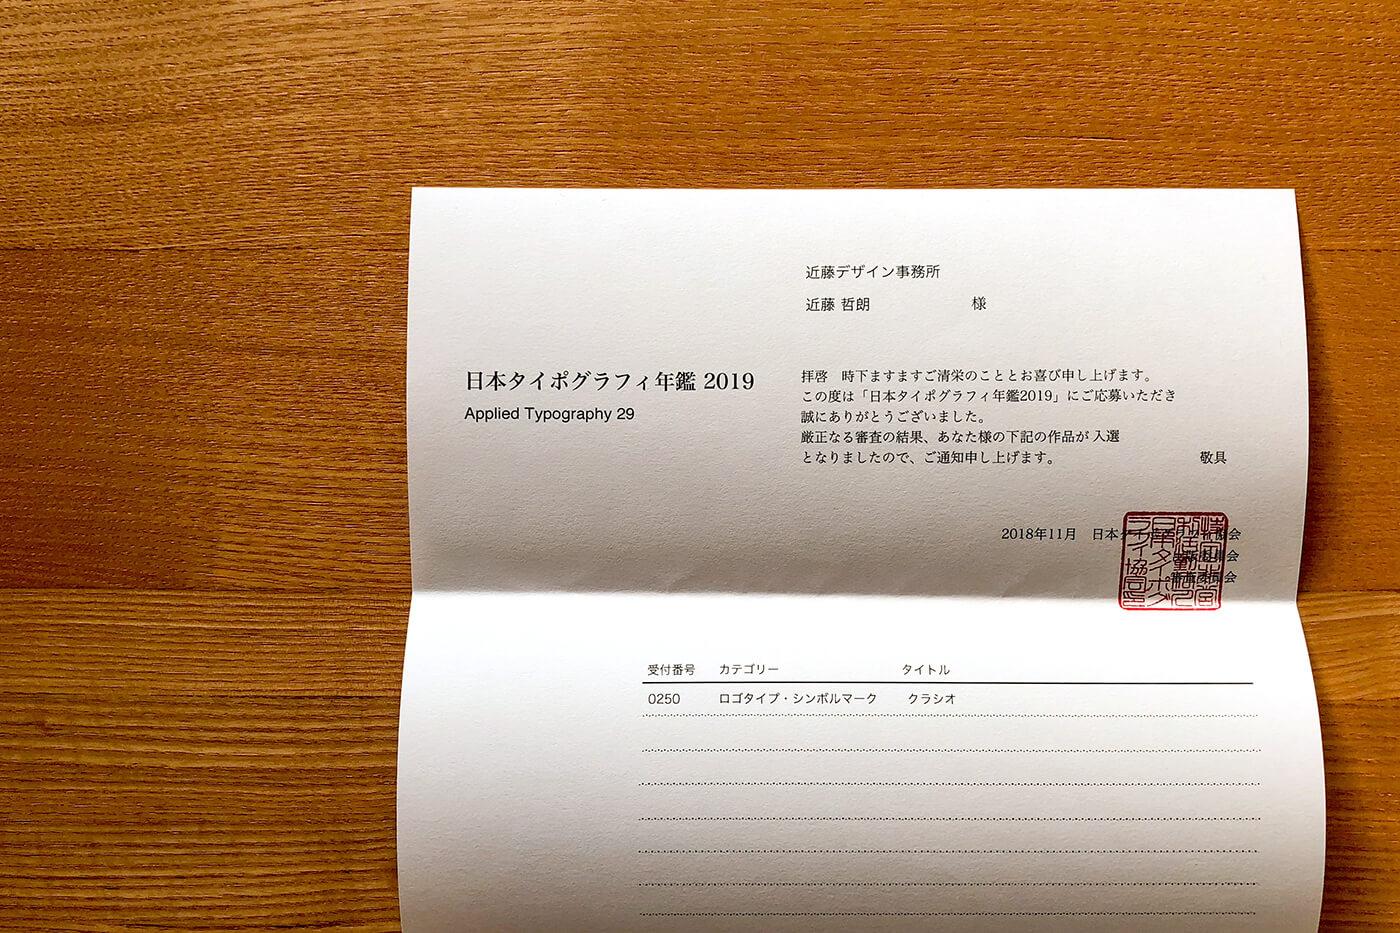 日本タイポグラフィ年鑑2019入選